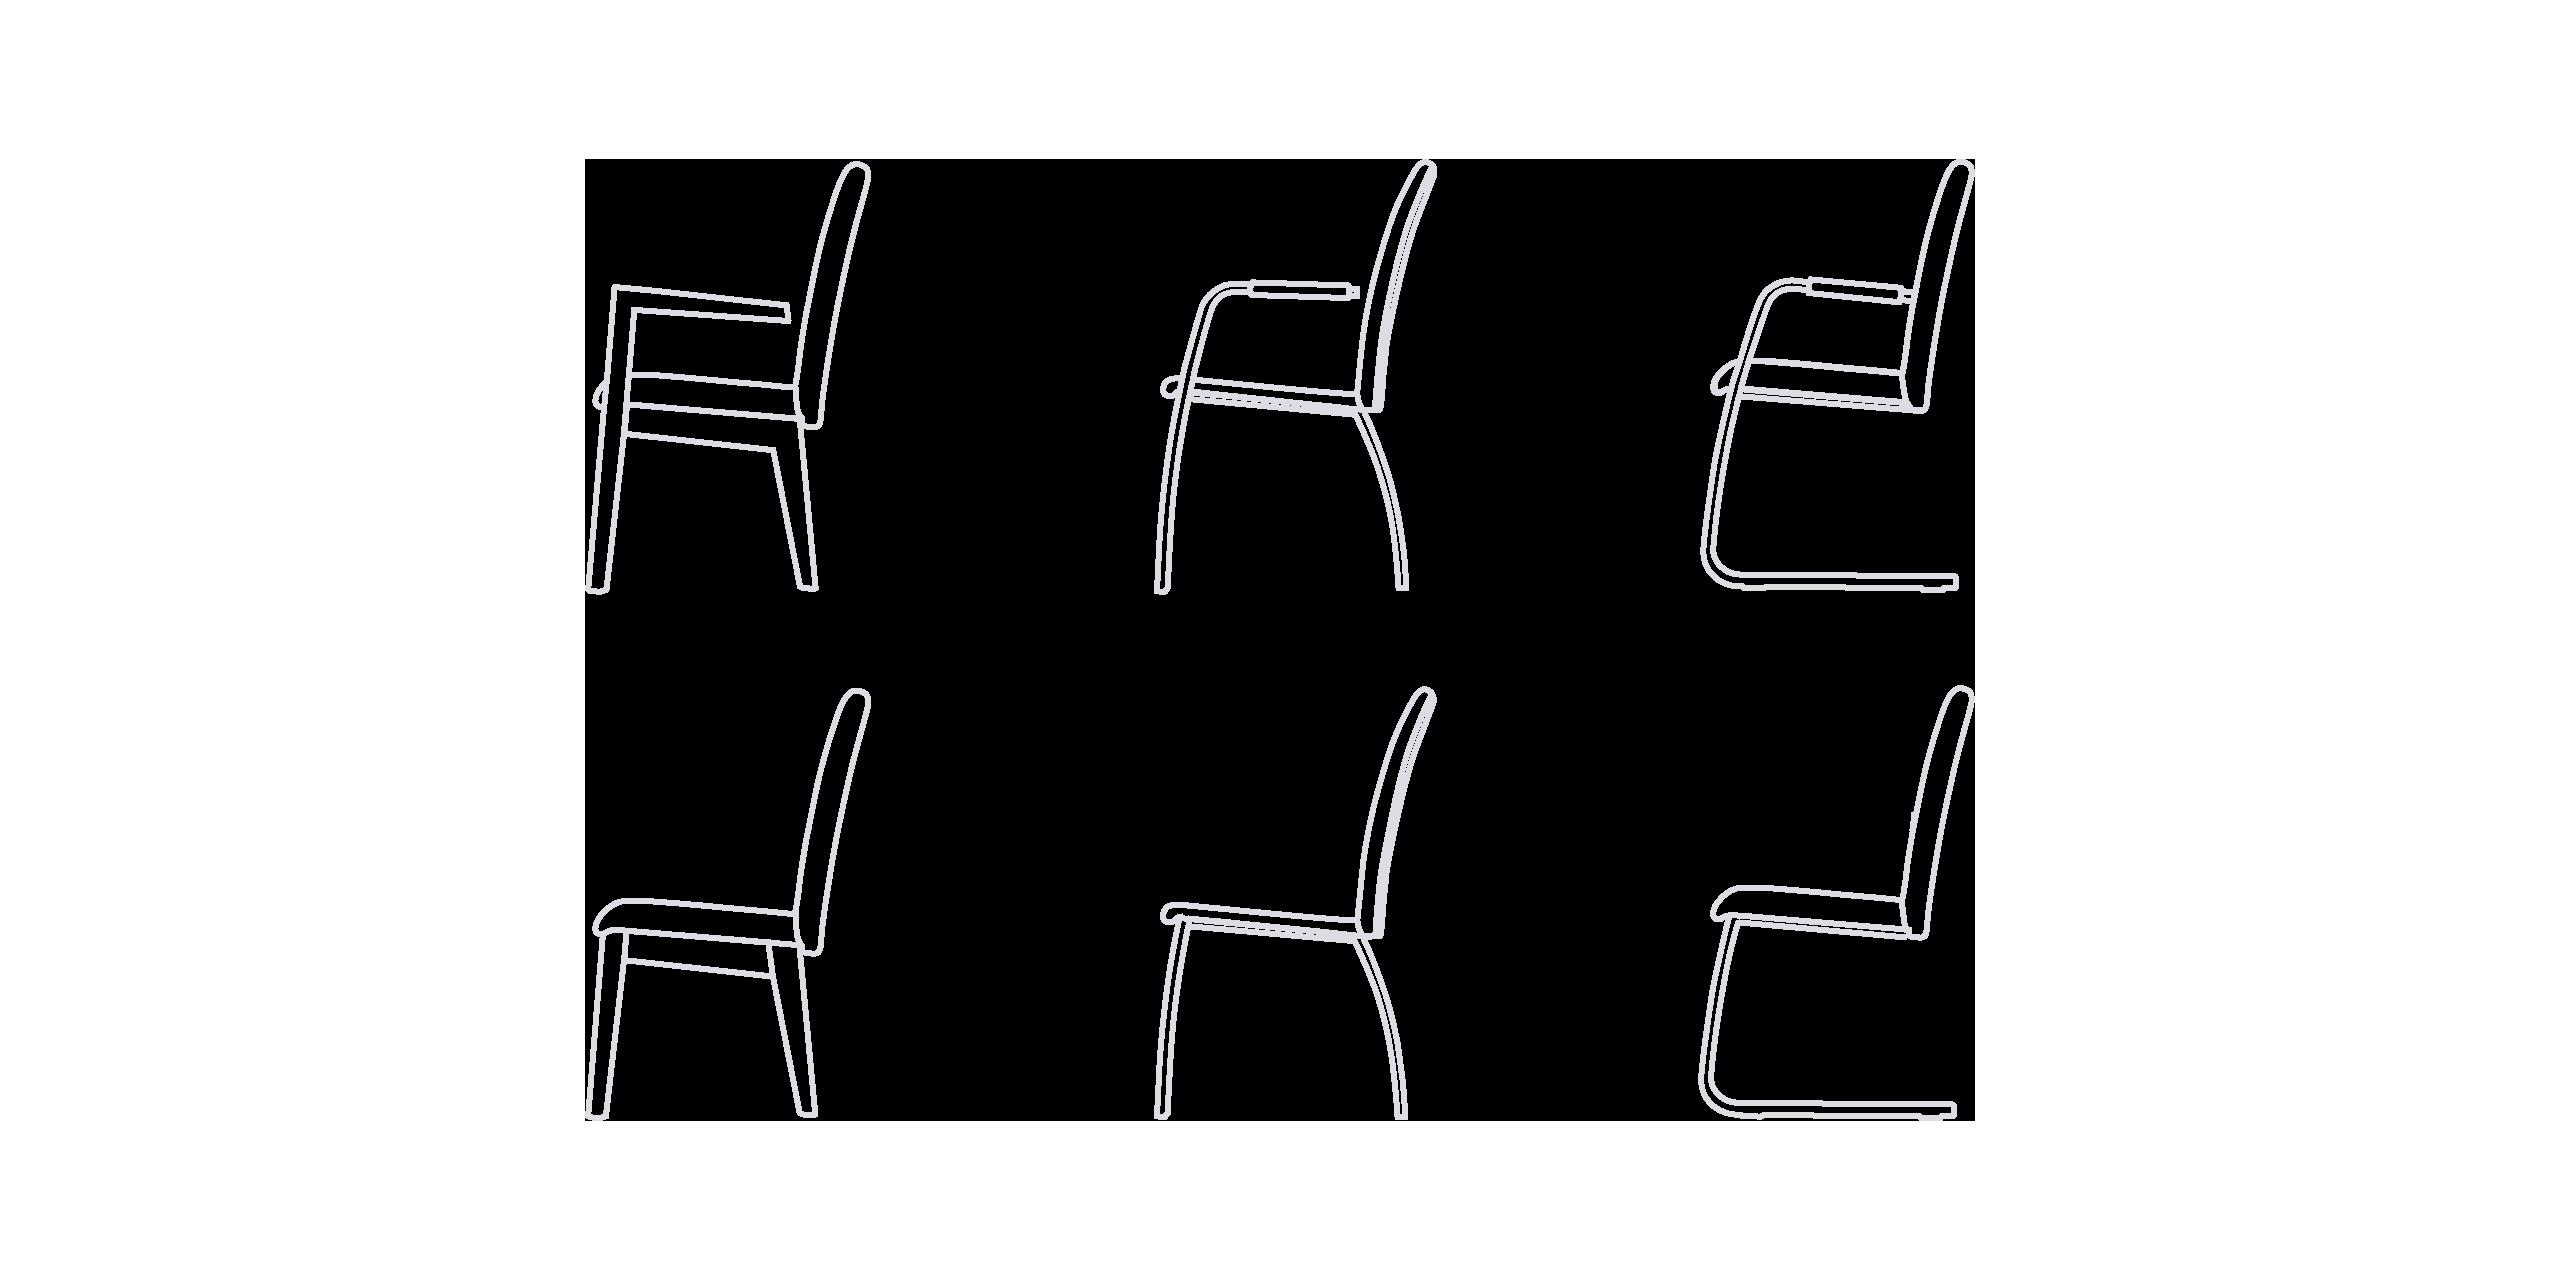 Stuhl 60 Cm Sitzhhe Top Stuhl Andrea Kunstleder Cappuccino Ca X X